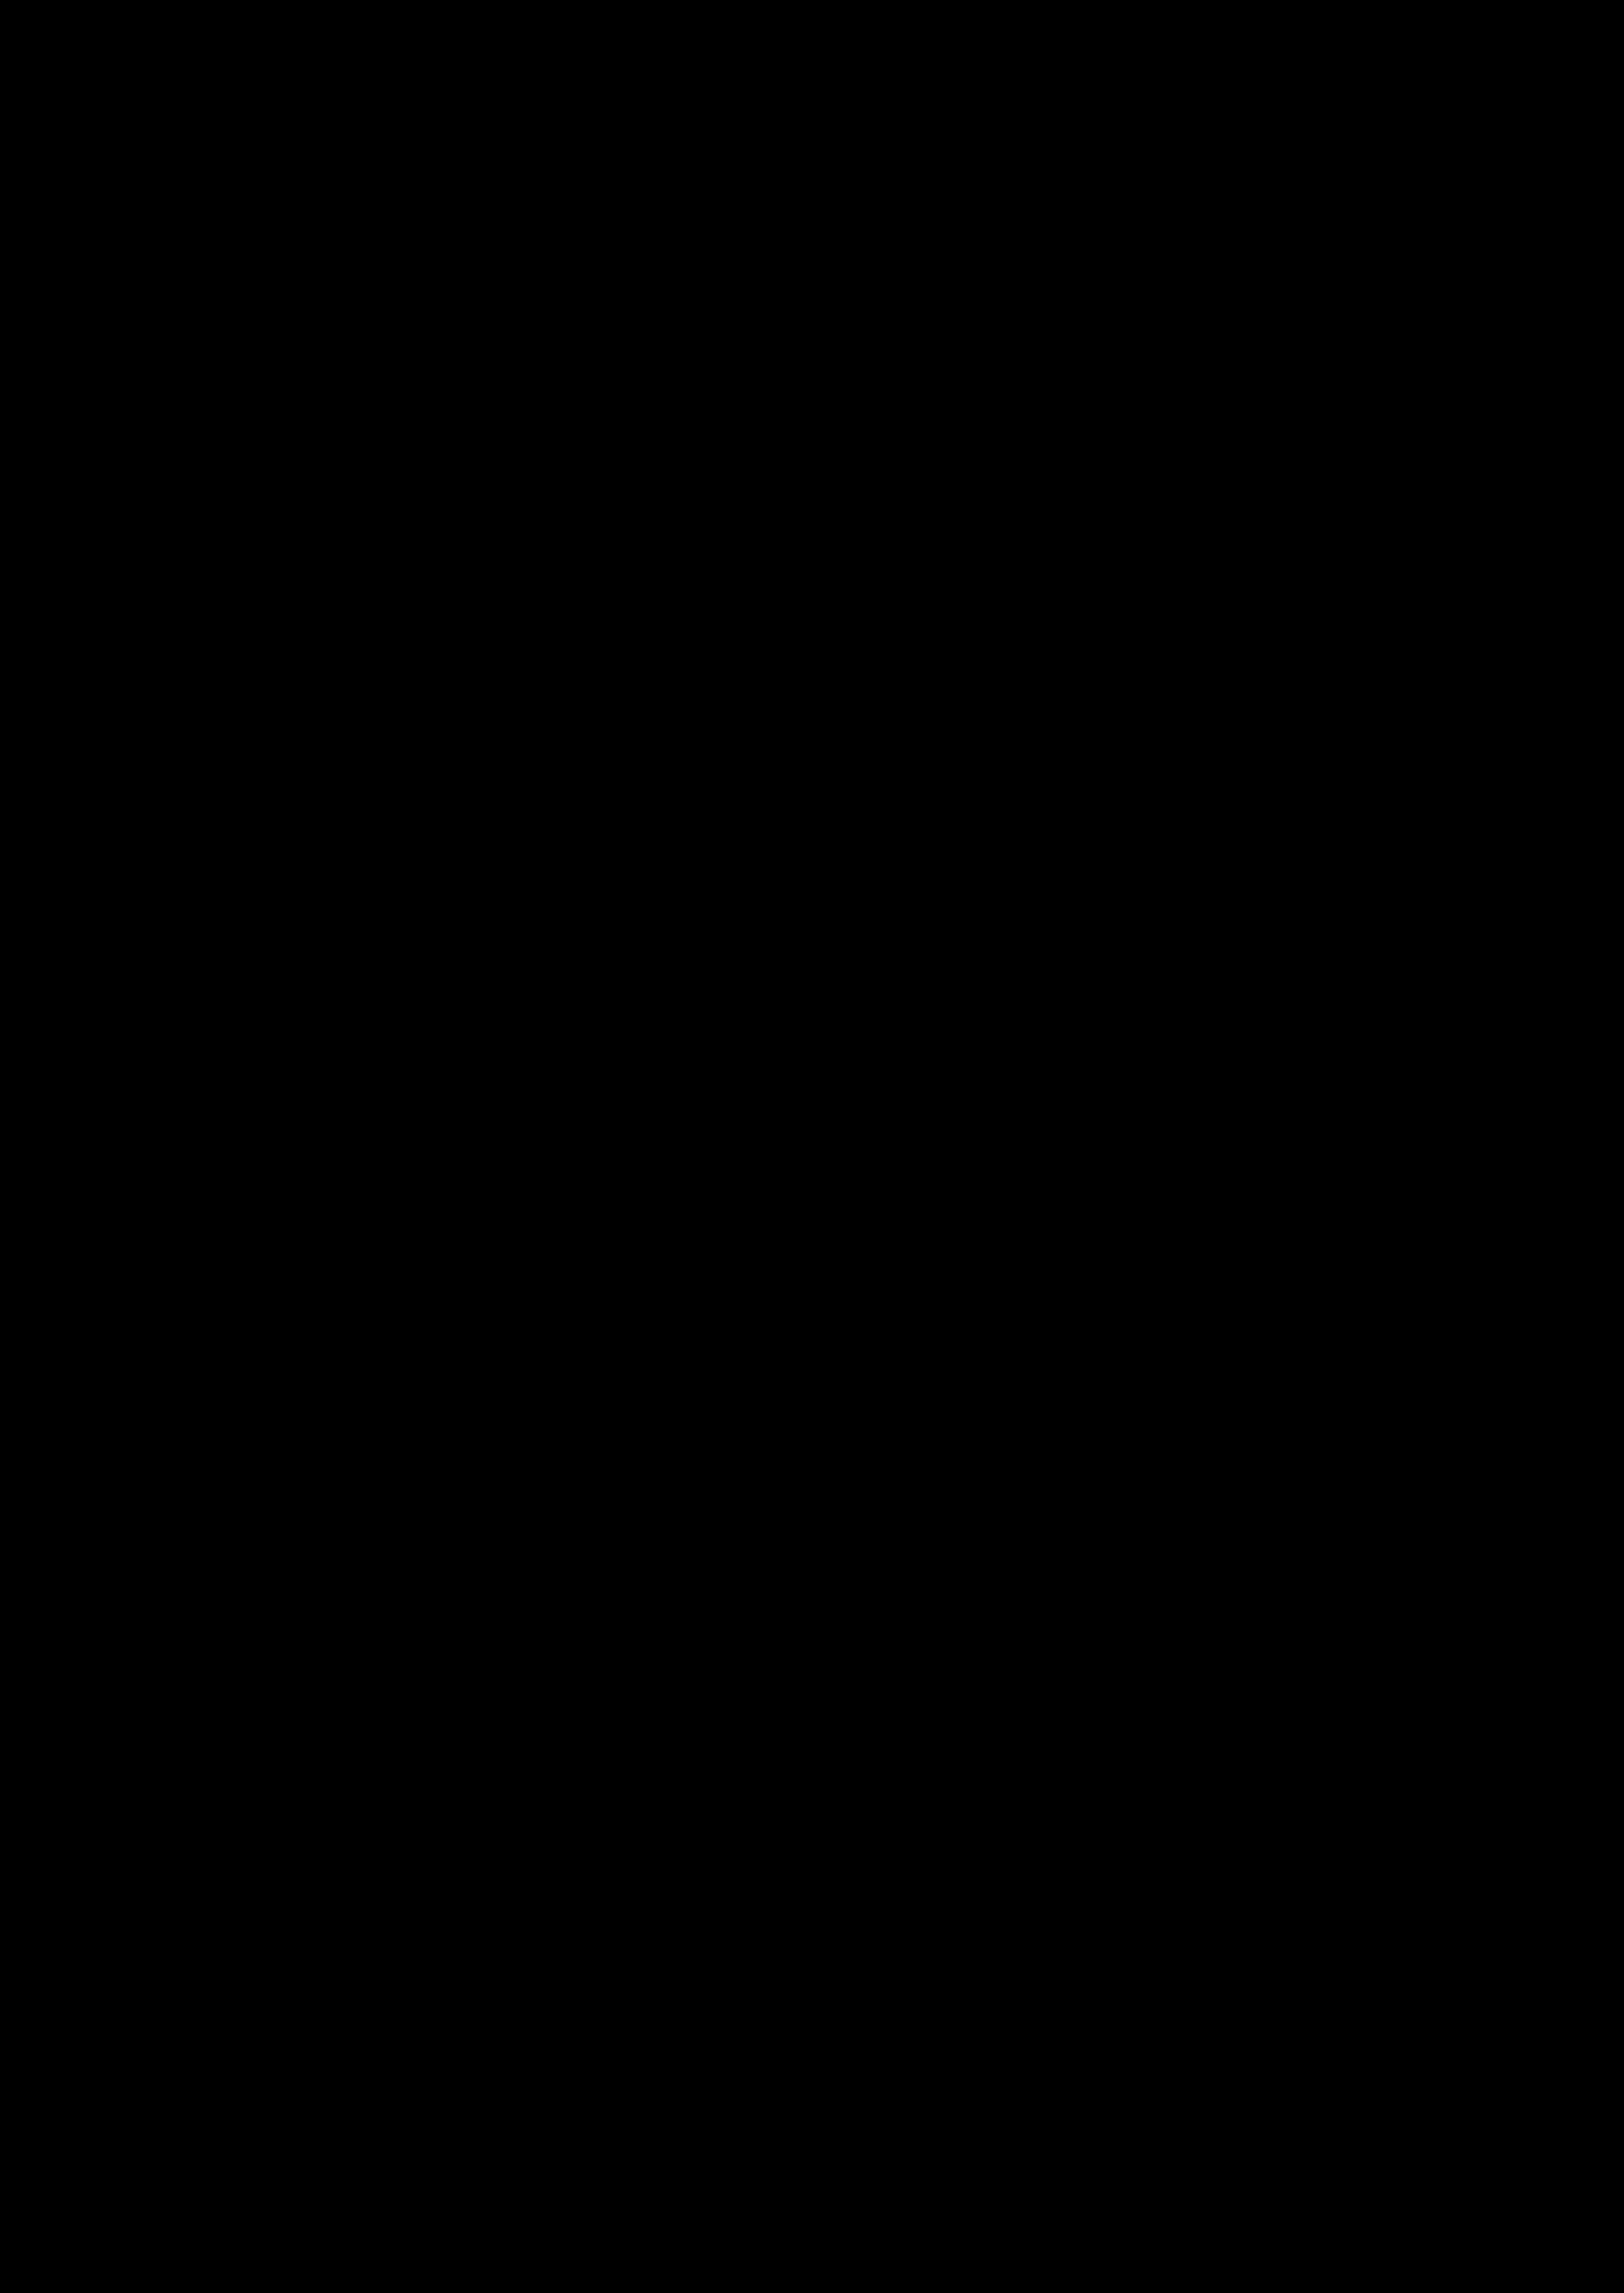 narodowe czytanie 2016 - plakat Dąbrowa Górnicza